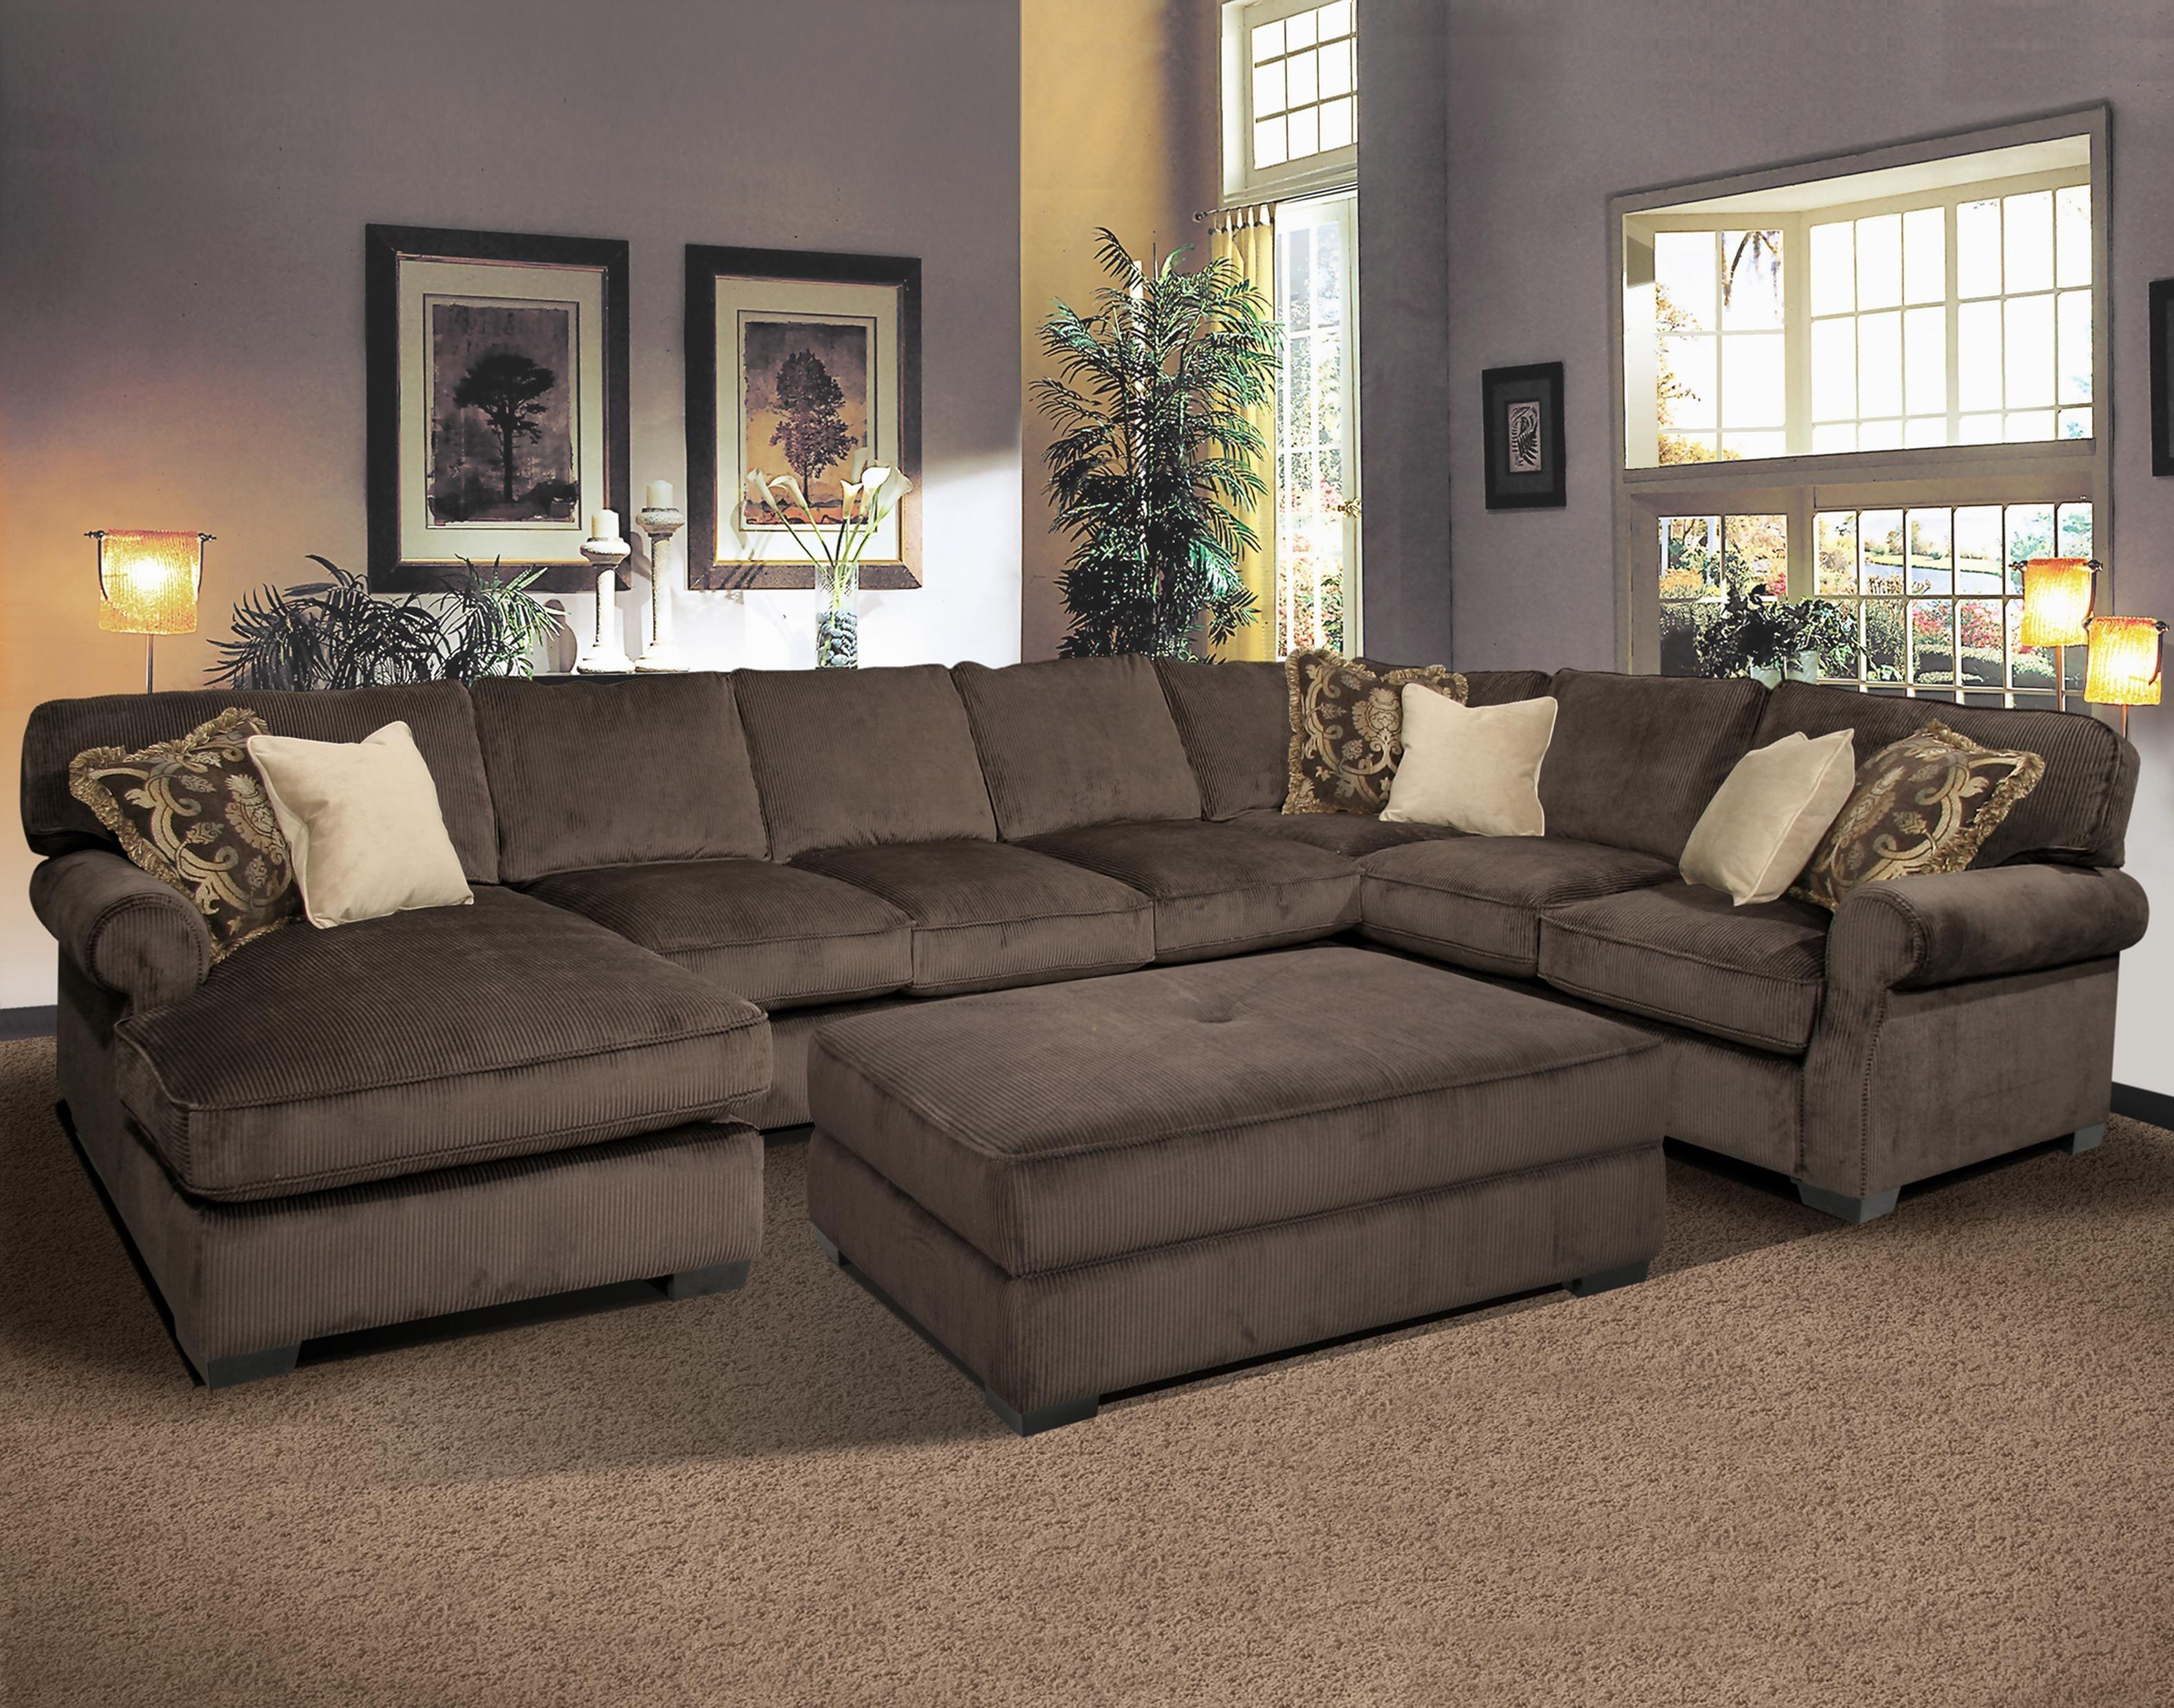 Grand Furniture Sectional Sofas Sofa De Luxo Dicas De Decoracao